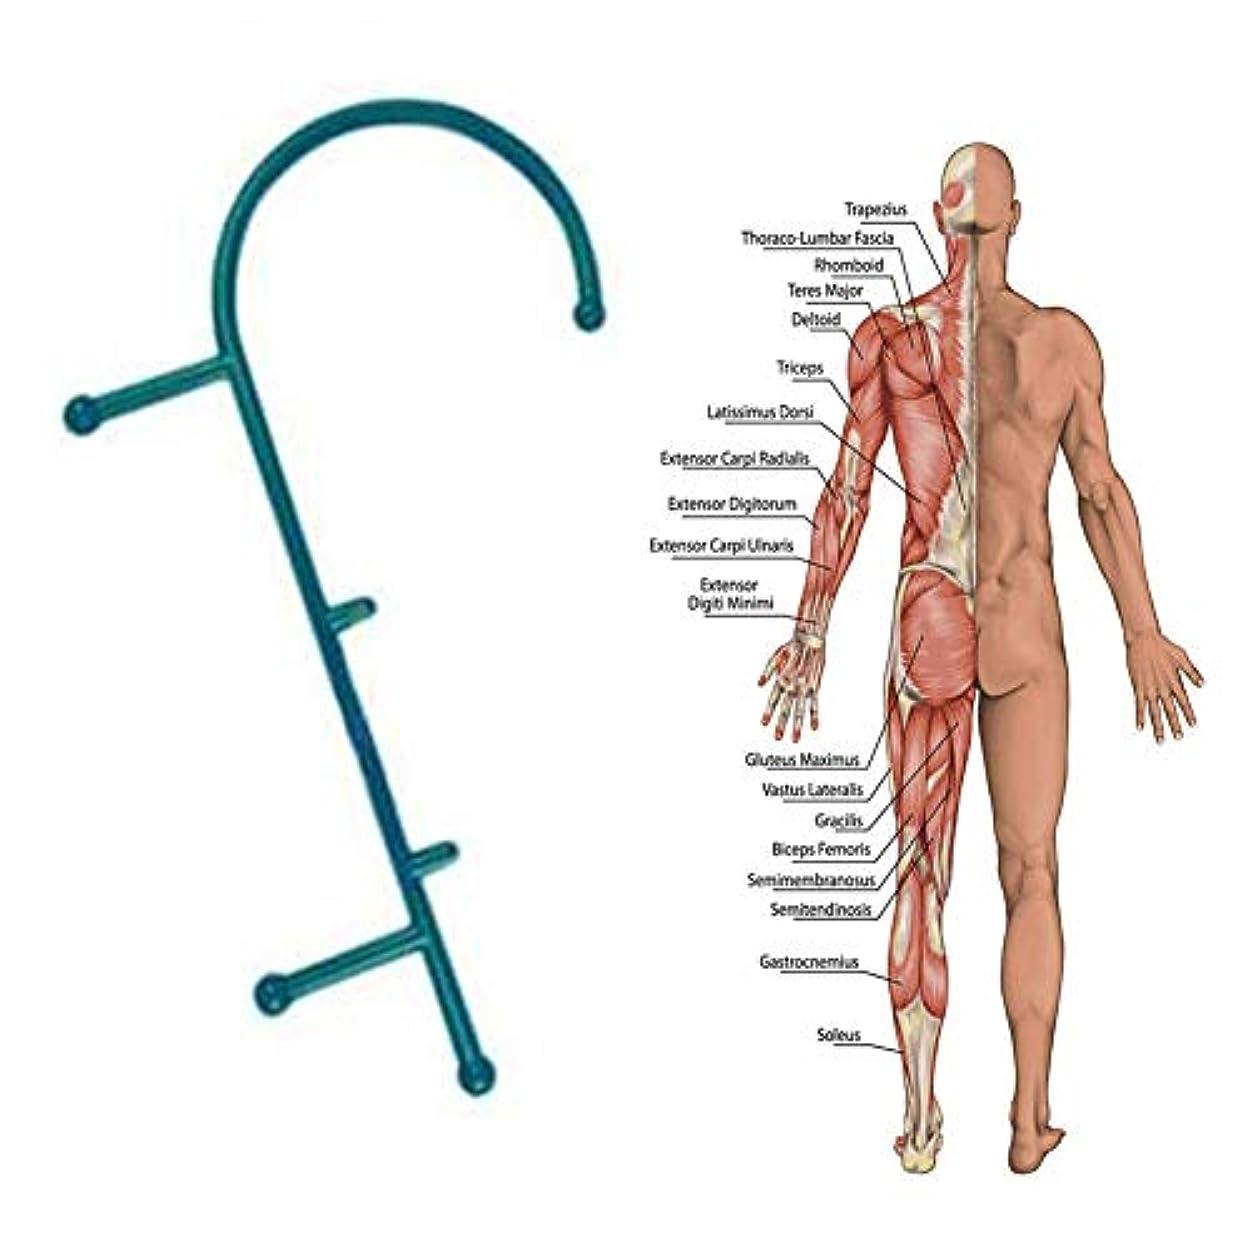 談話くるくる不信トリガーポイントリリーフマッサージポイントセラピーマッサージツール背中の首の痛みのためのC字型ディープマッスルハンドマッサージャー筋肉マッスル筋膜リリース-ダークグリーン